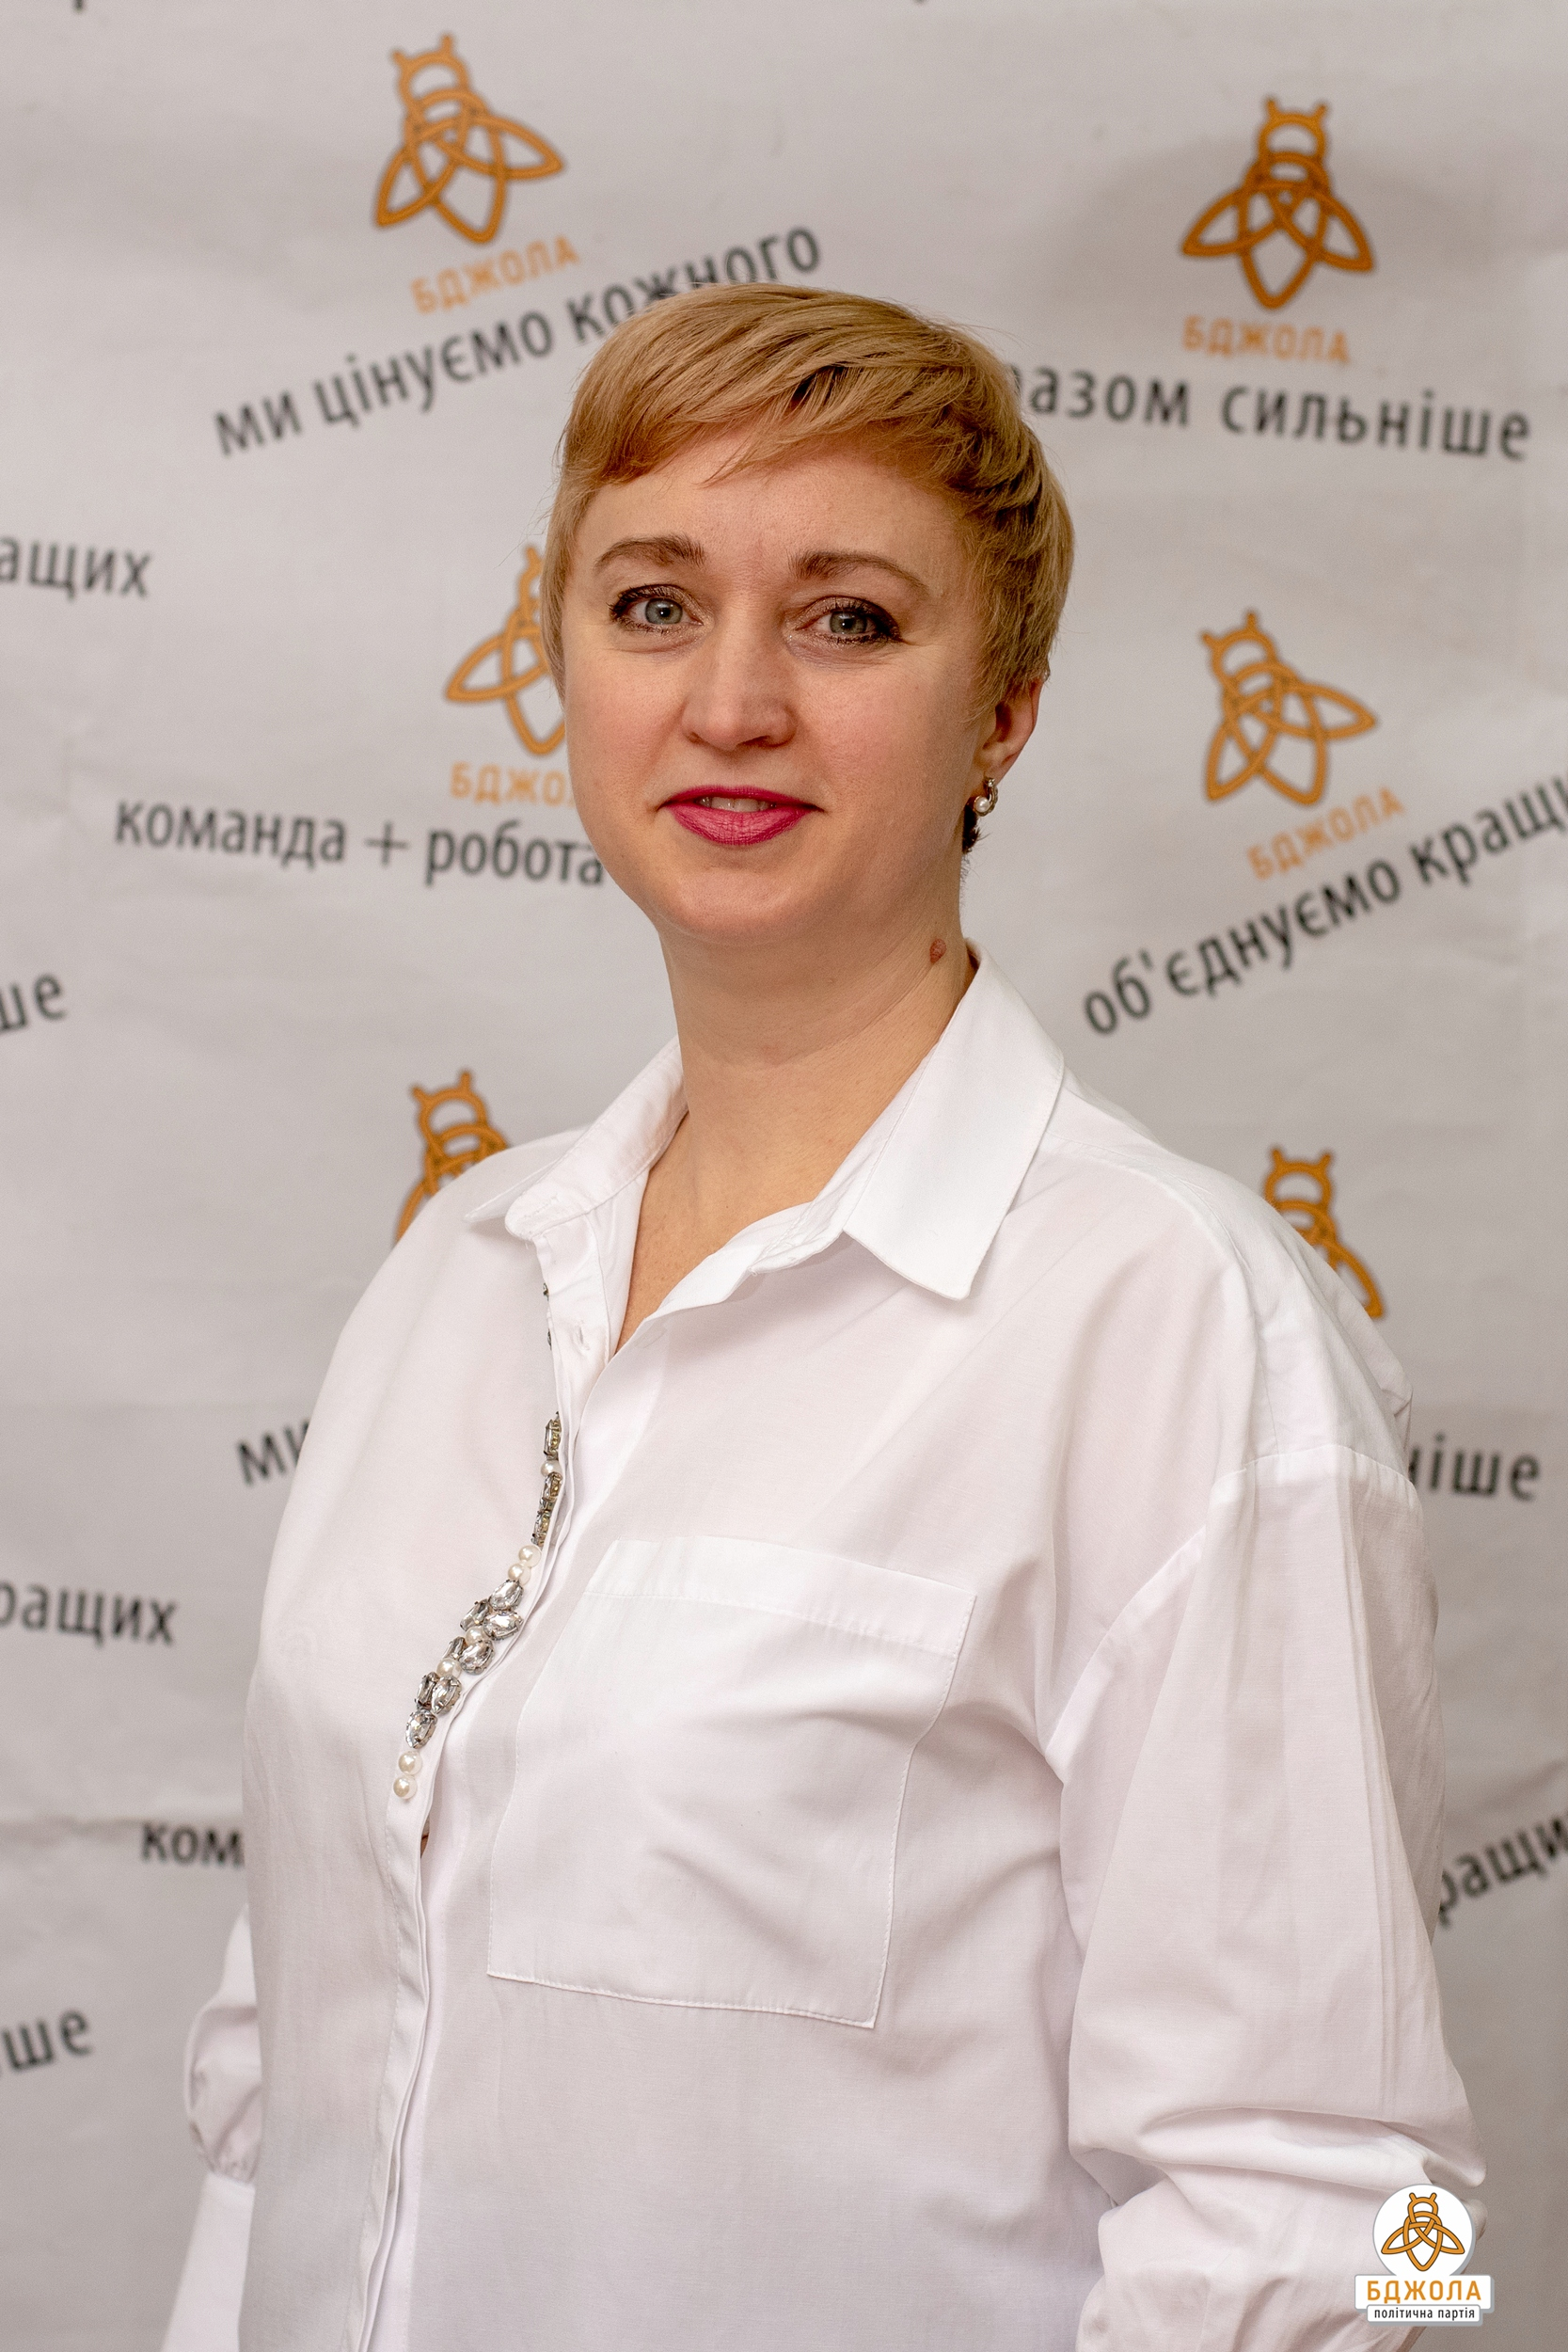 Ктітарова Наталія Володимирівна